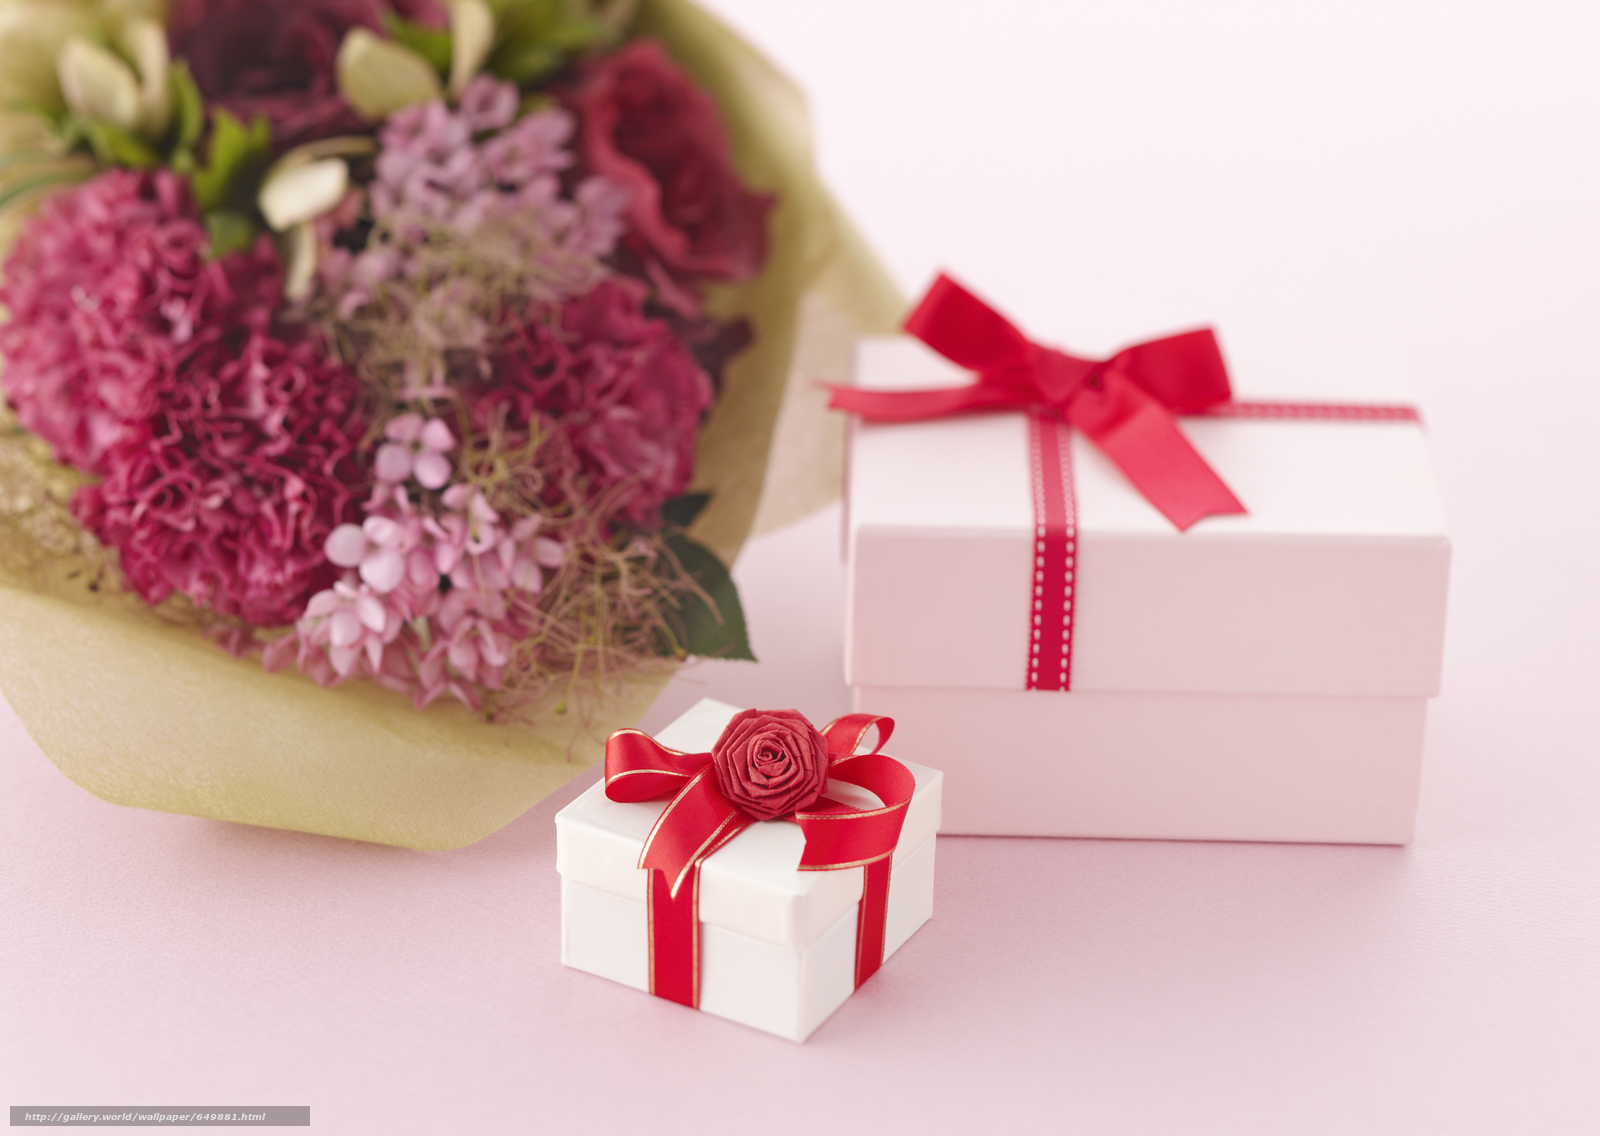 Как выглядят подарки на день рождения